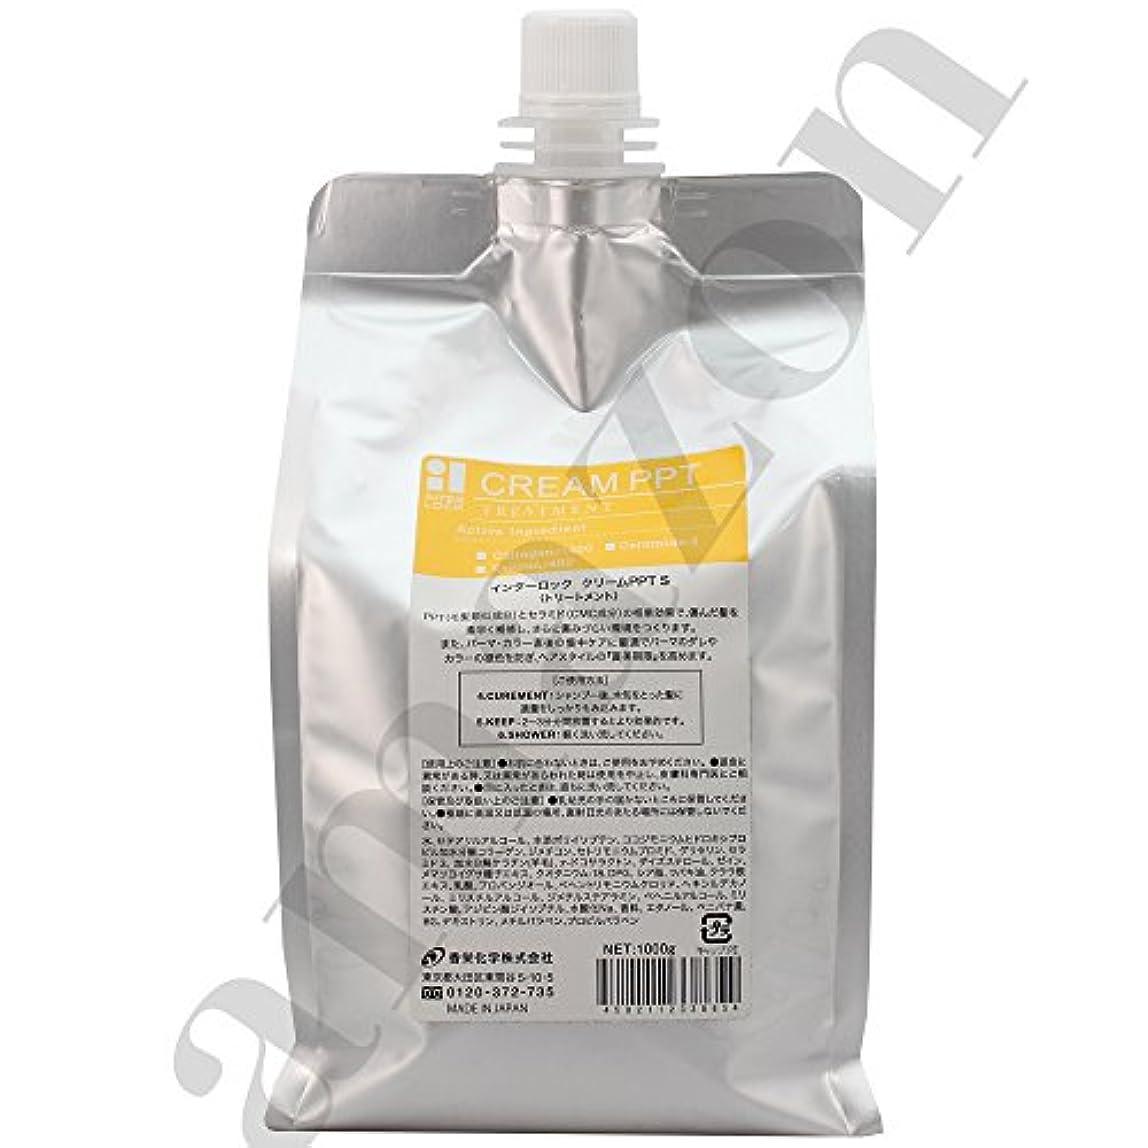 適切な複合伝染性の香栄化学 インターロック クリームPPT S レフィル 1000g